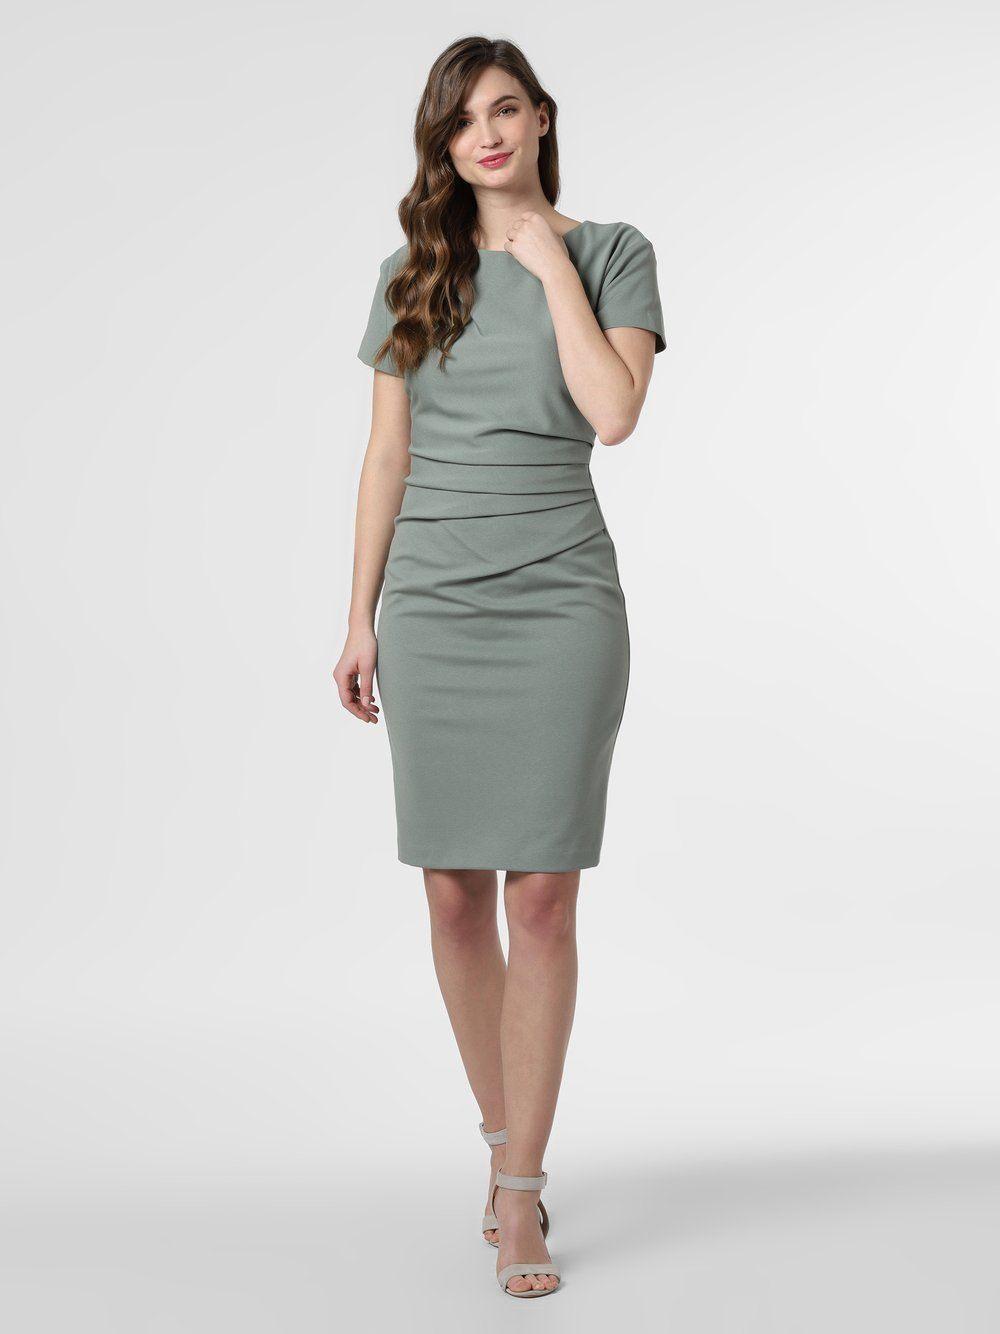 Designer Großartig Kleid Grün Design Elegant Kleid Grün Galerie